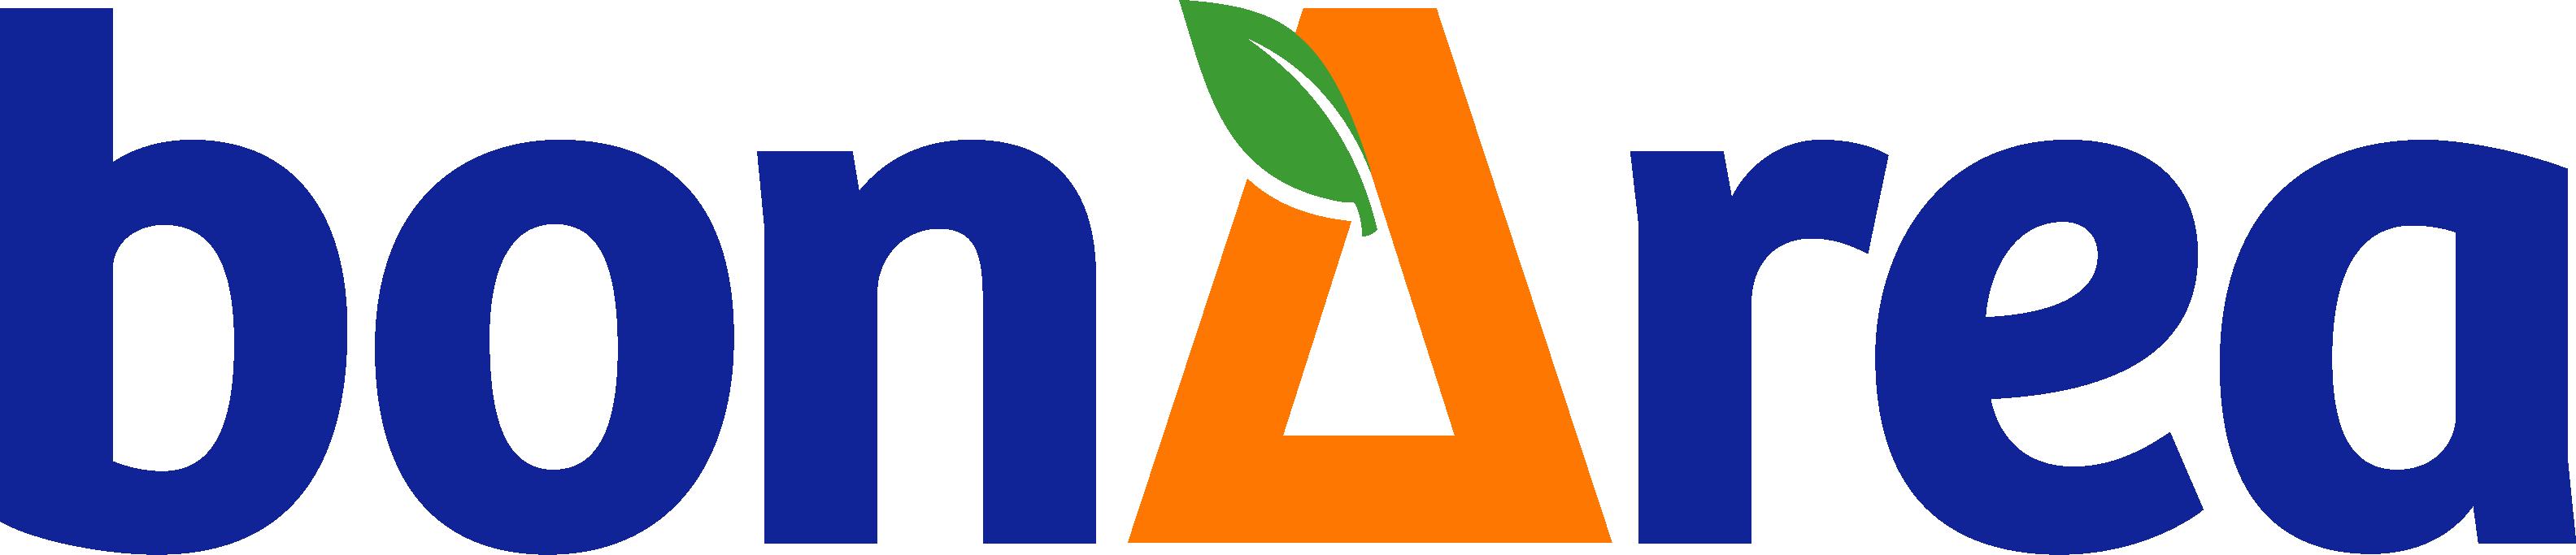 bonArea_Agrupa